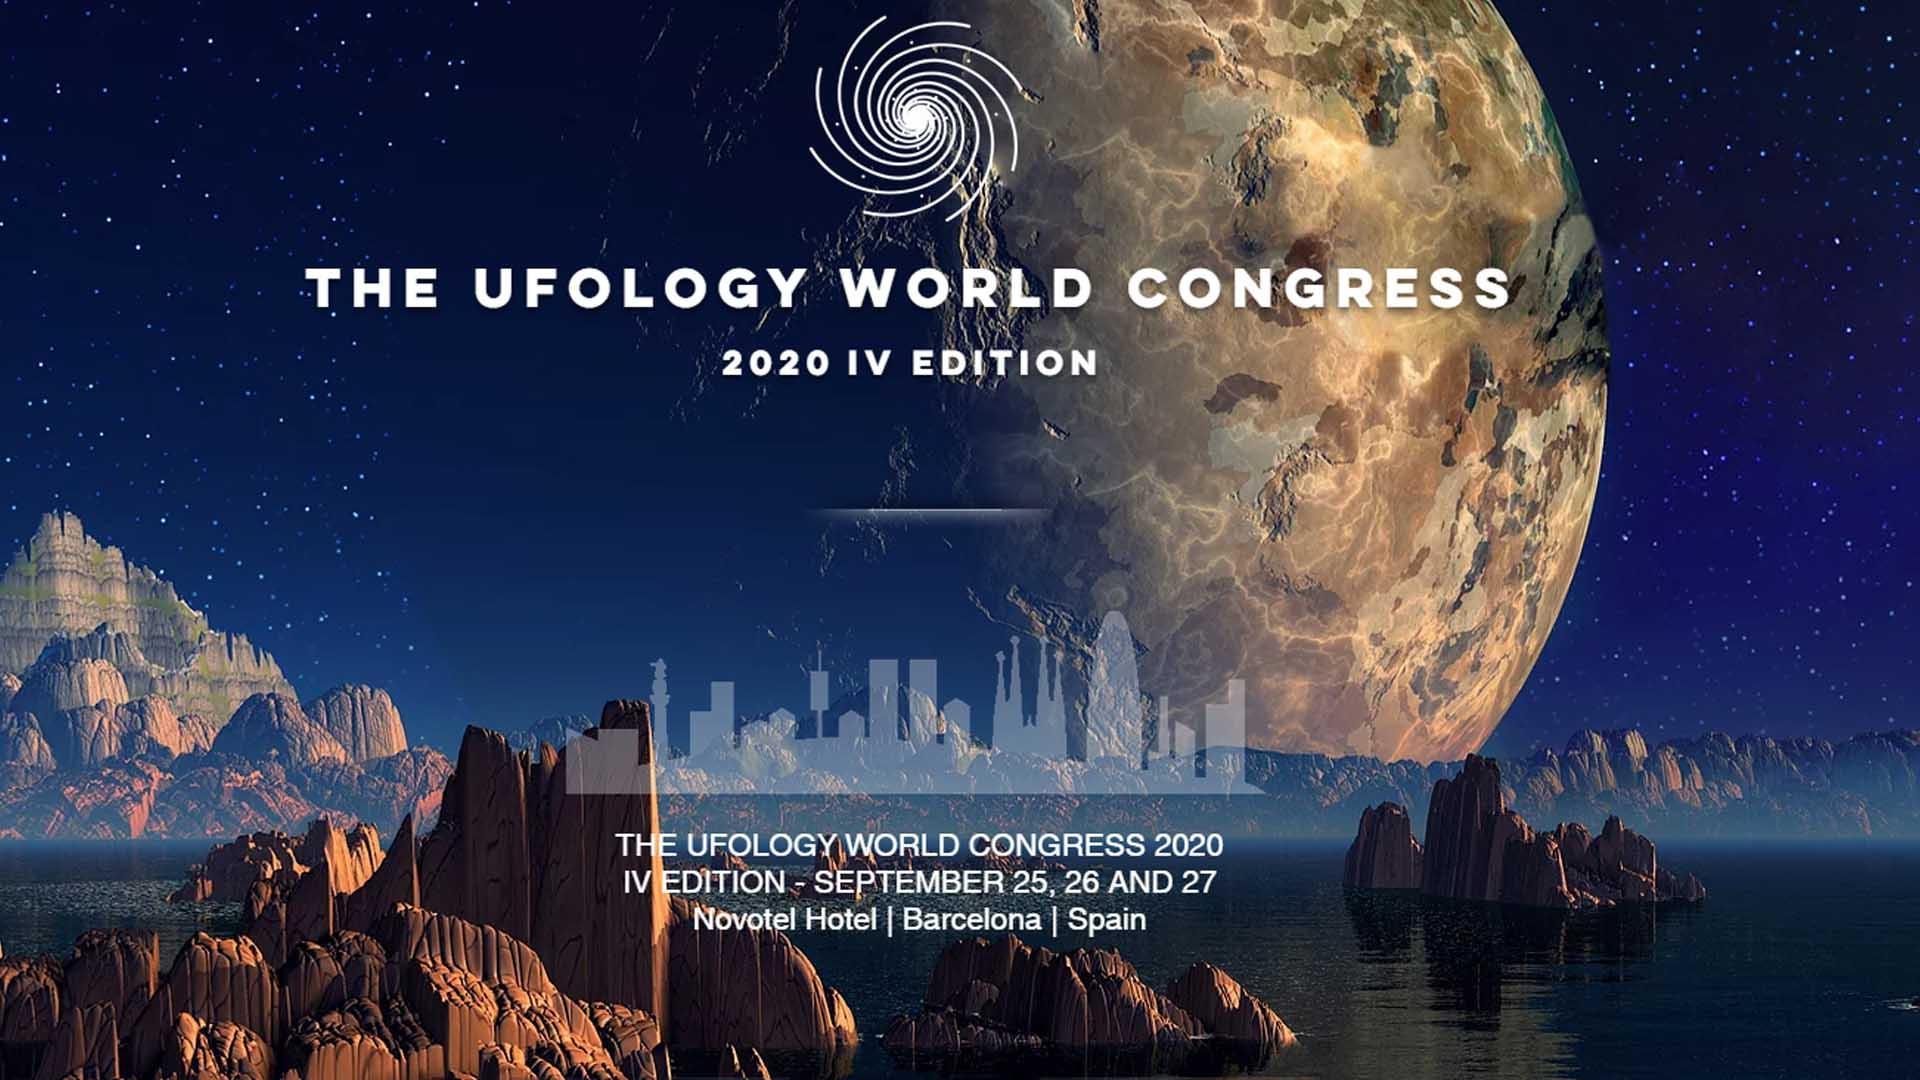 theufologyworldcongress